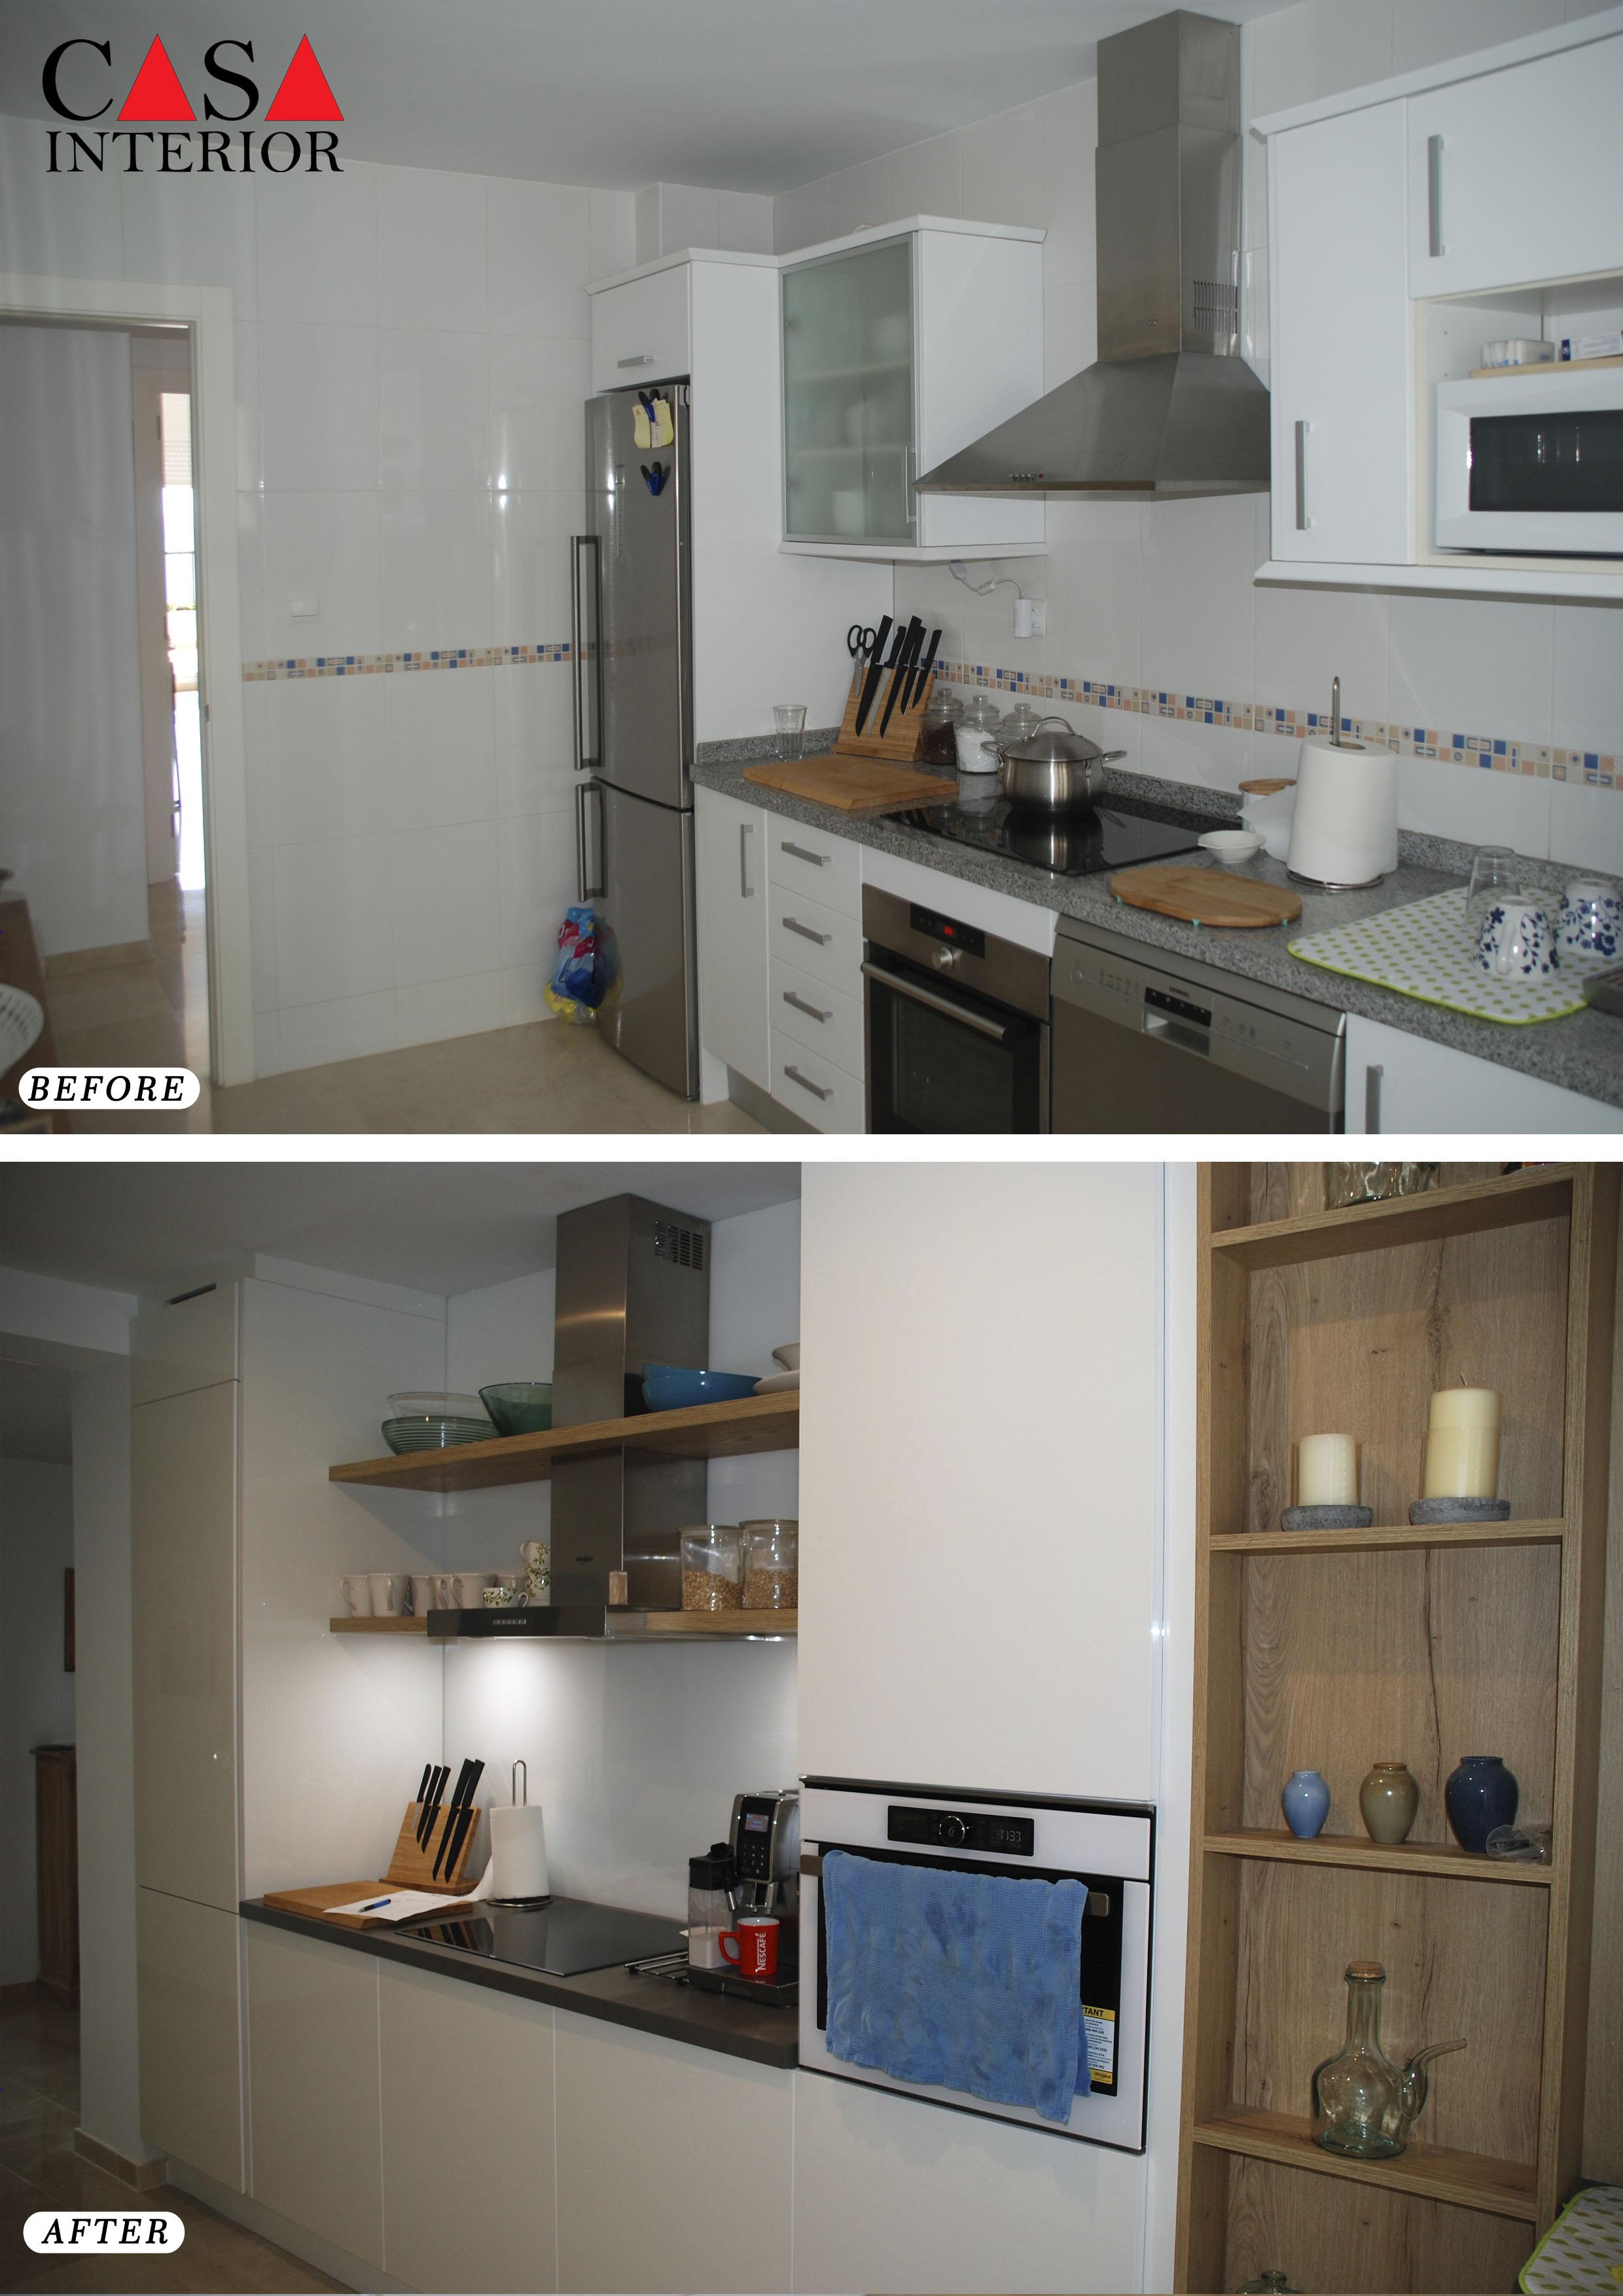 Casa Interior Arredo3 Kali White Maxxigloss